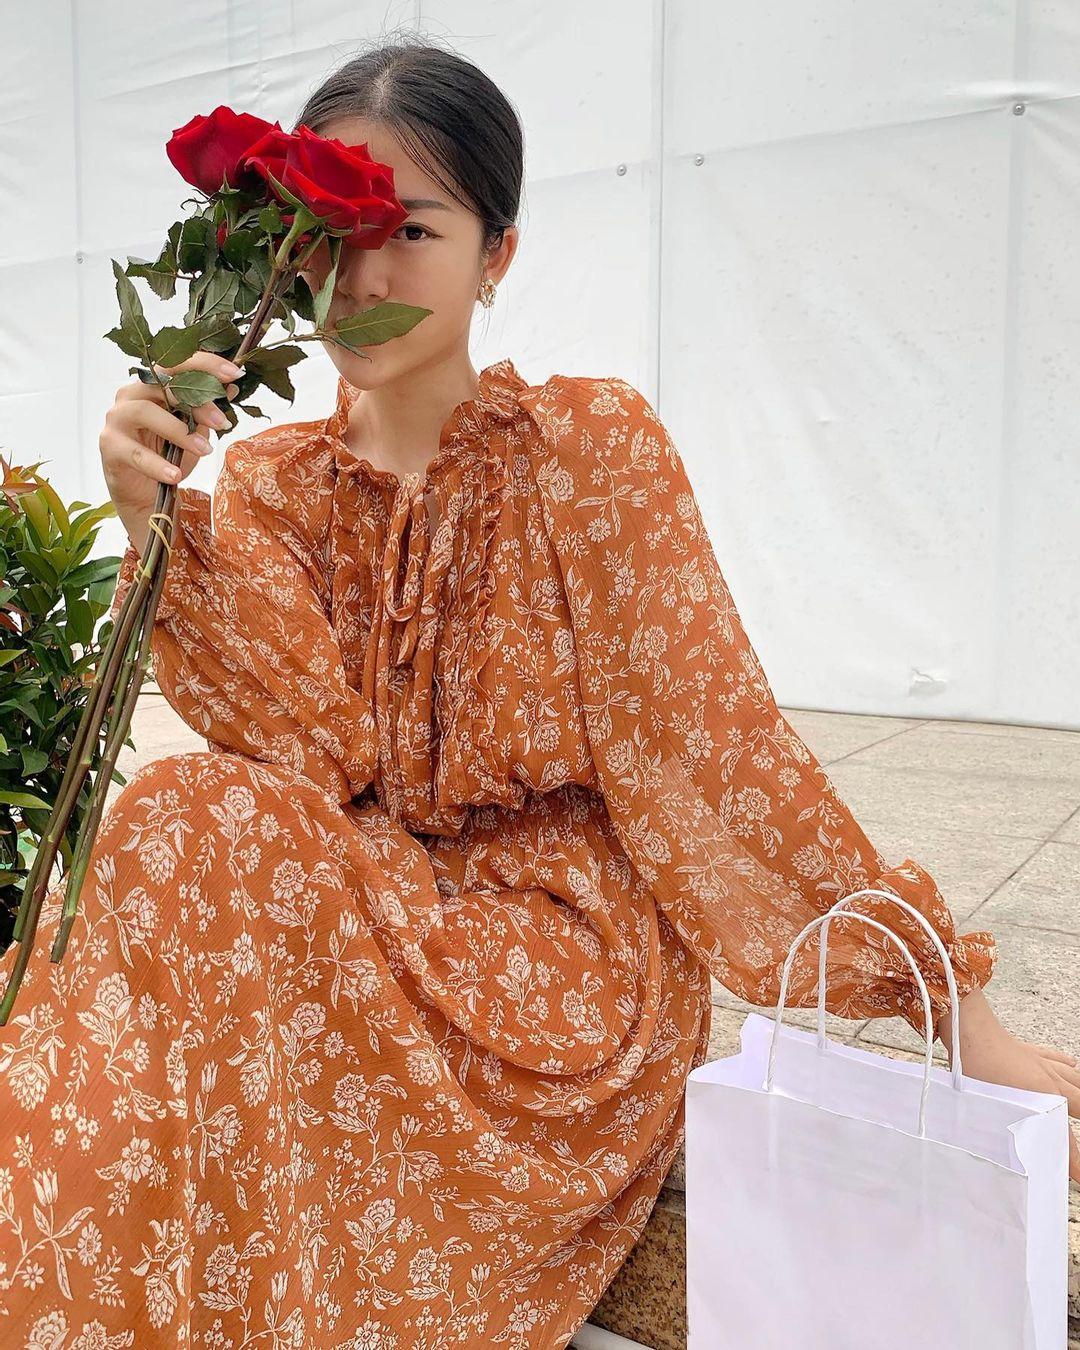 Đầu xuân Hòa Minzy mua váy hoa vintage, chị em muốn xinh như nàng thơ nên bắt chước - Ảnh 6.